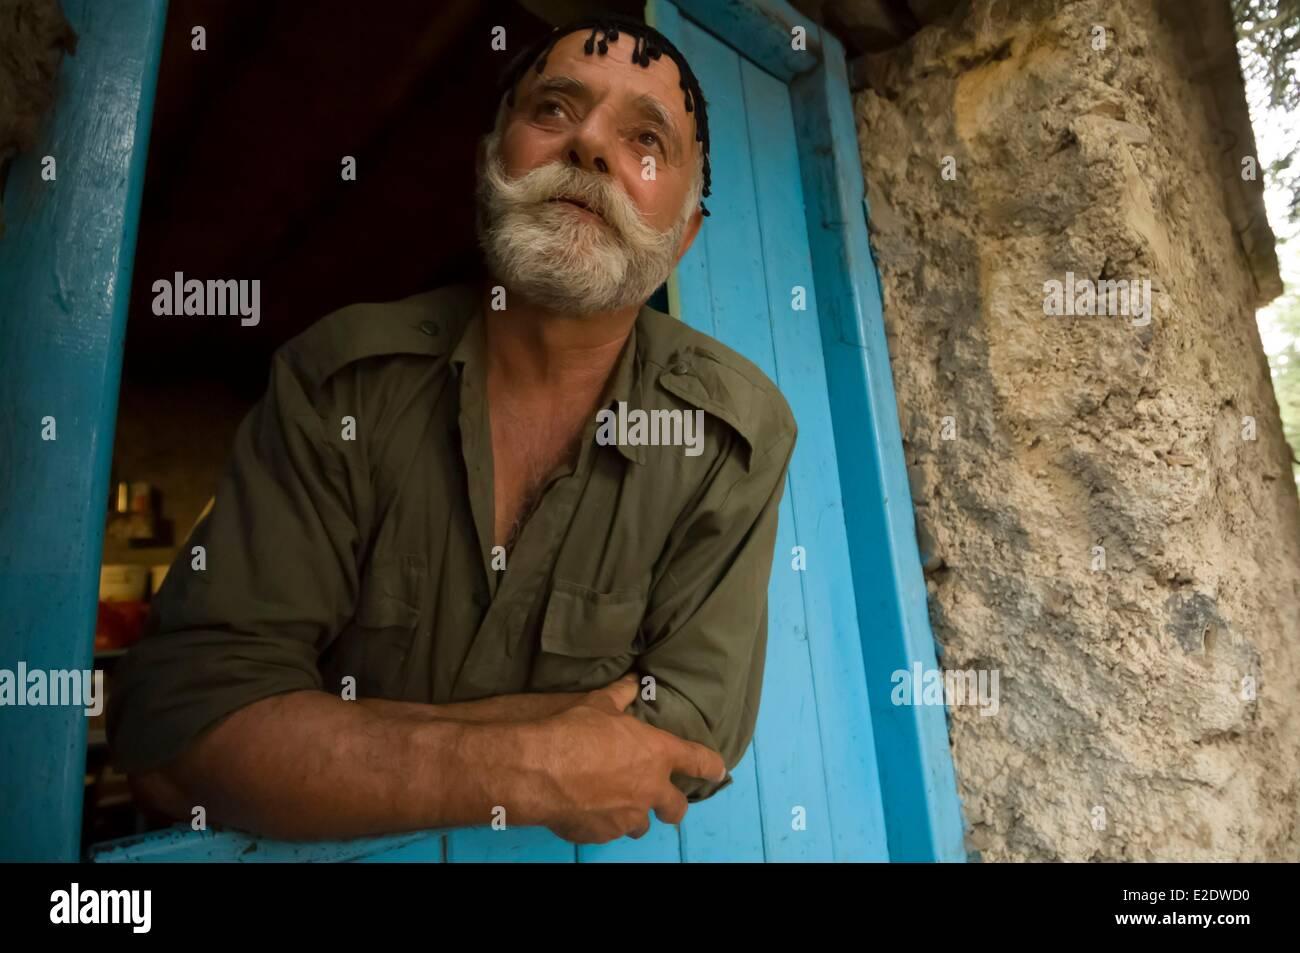 Greece Crete Ortholagos Lefka Ori or White Mountains the shepherd Nikos Votsakis - Stock Image